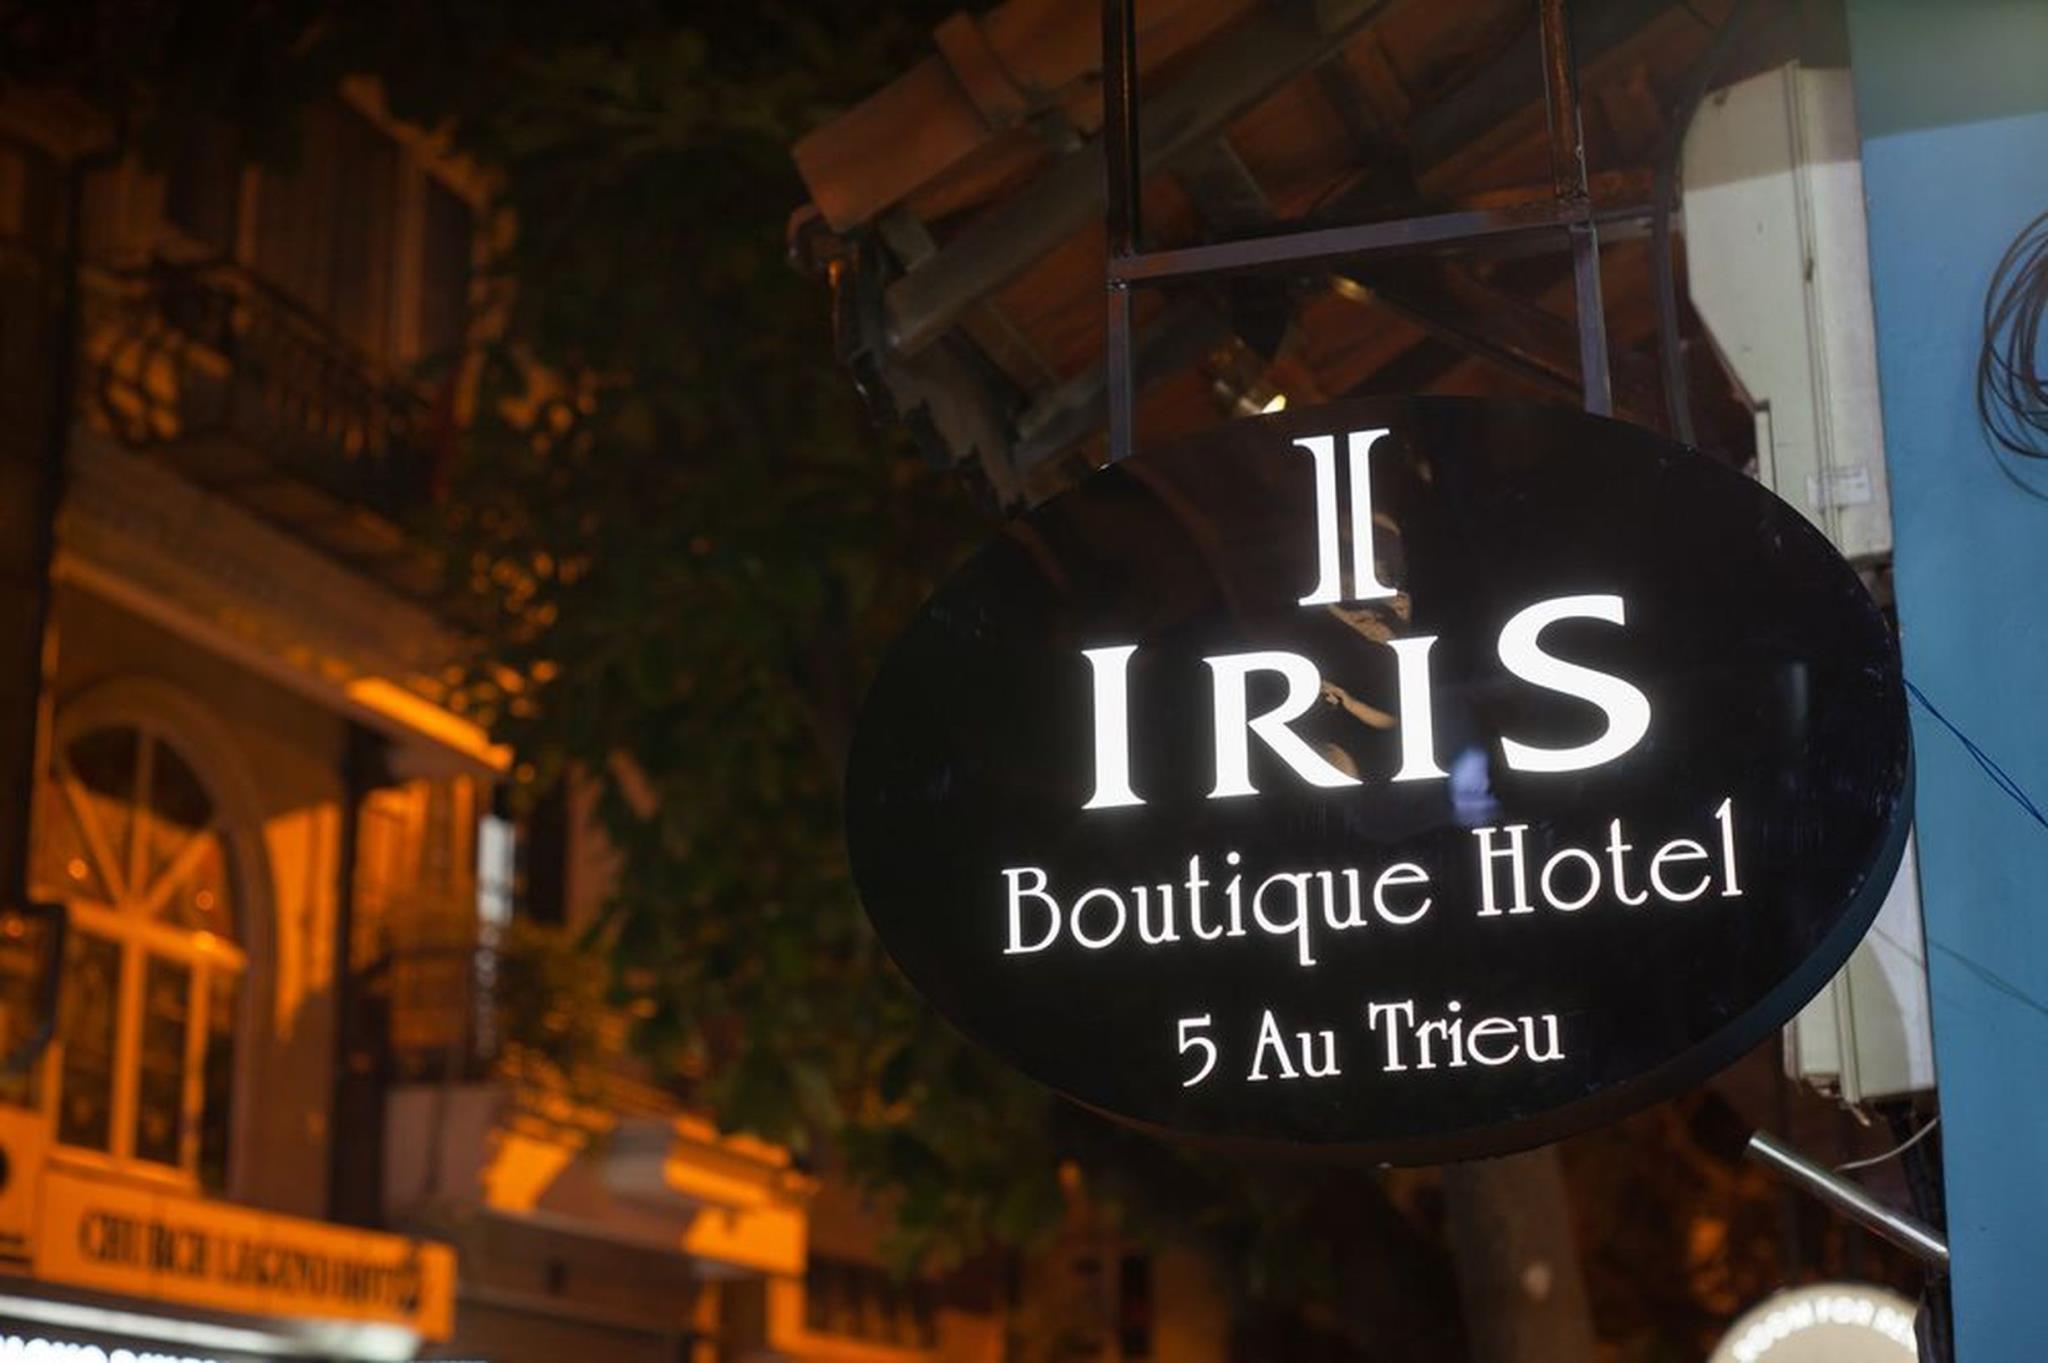 Hanoi Iris Boutique Hotel